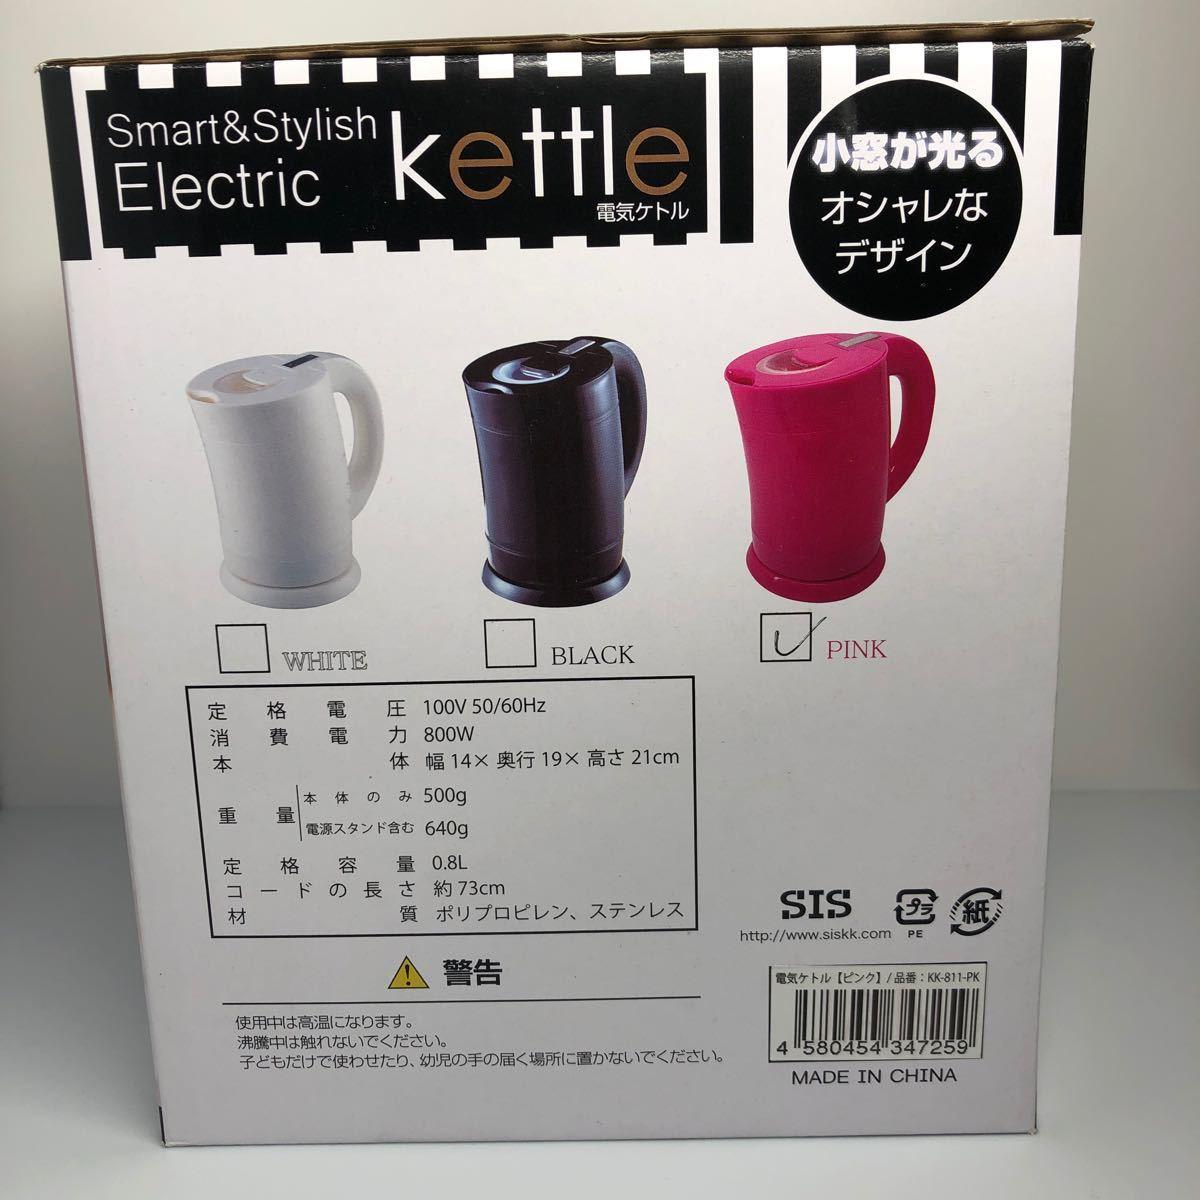 電気ケトル KK-811-PK (ピンク)新品未使用